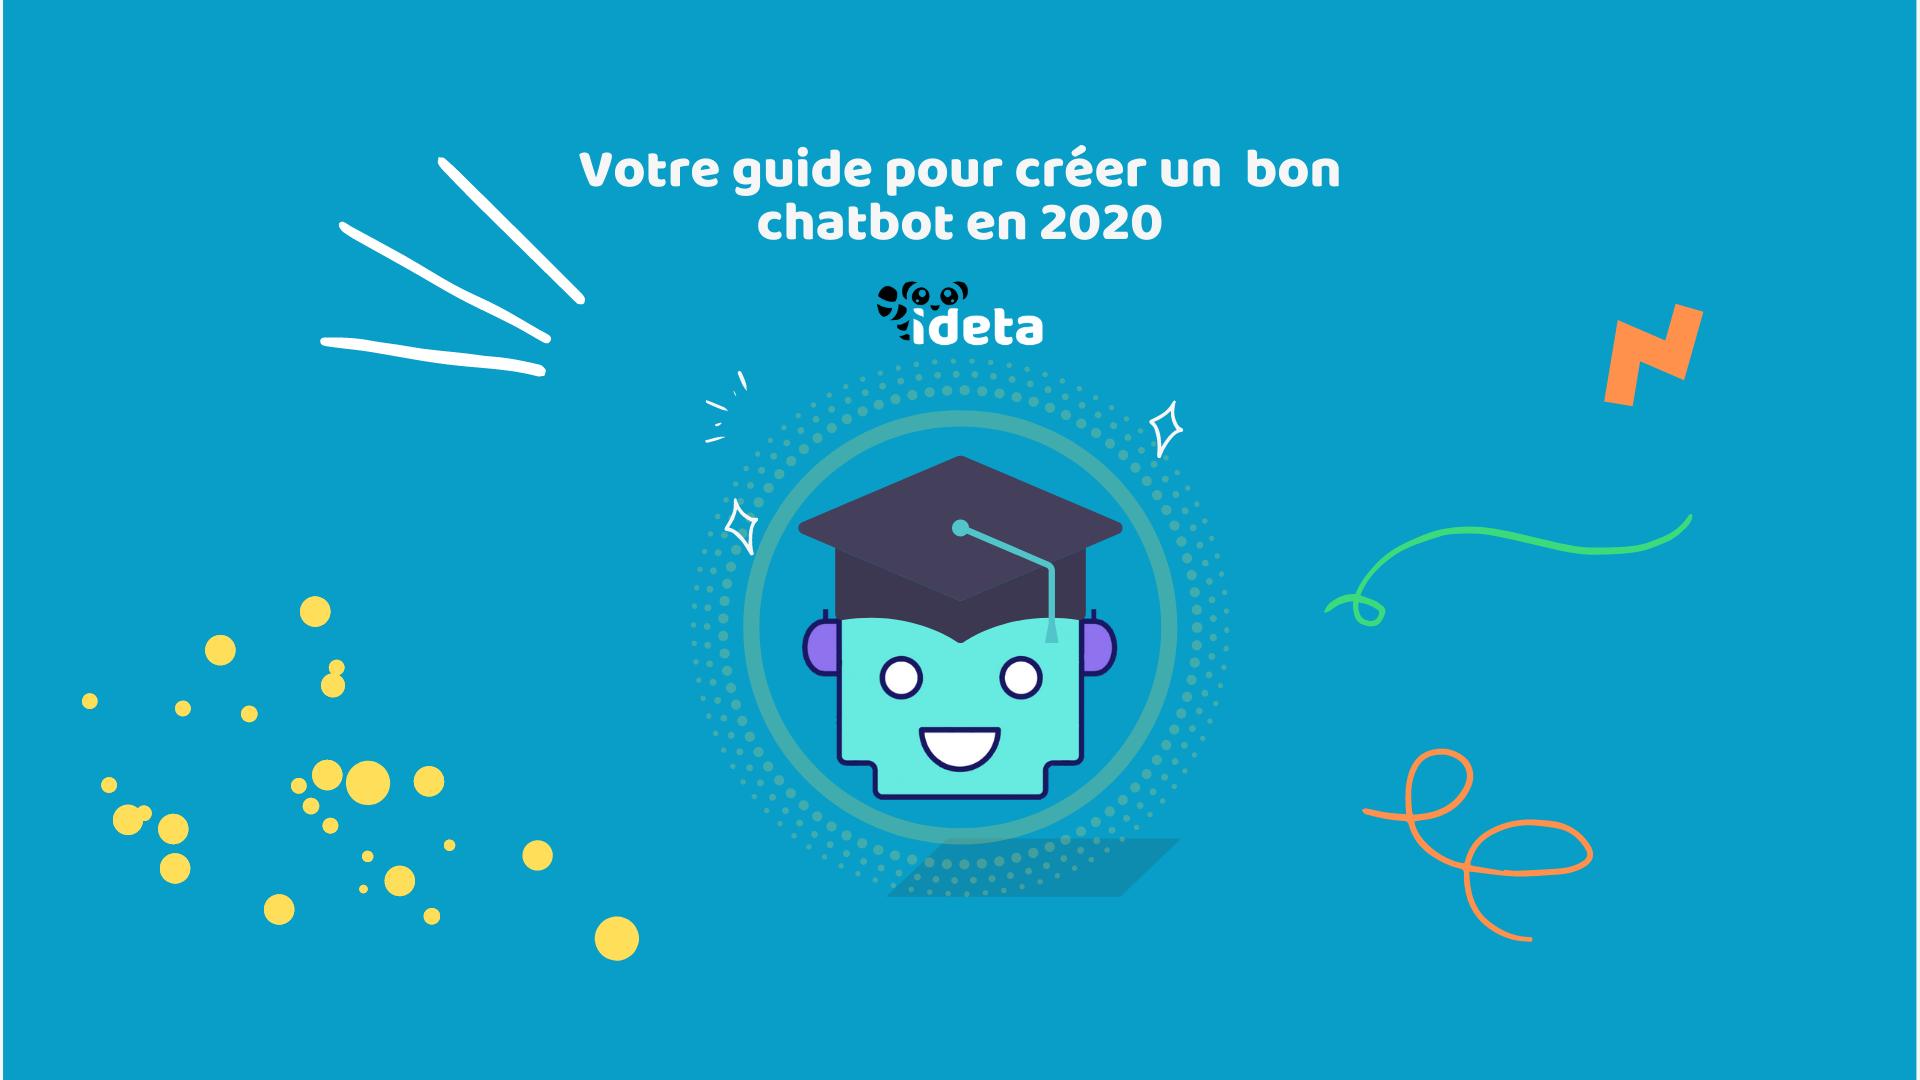 Les 10 bonnes pratiques lorsque vous créez un chatbot en 2020